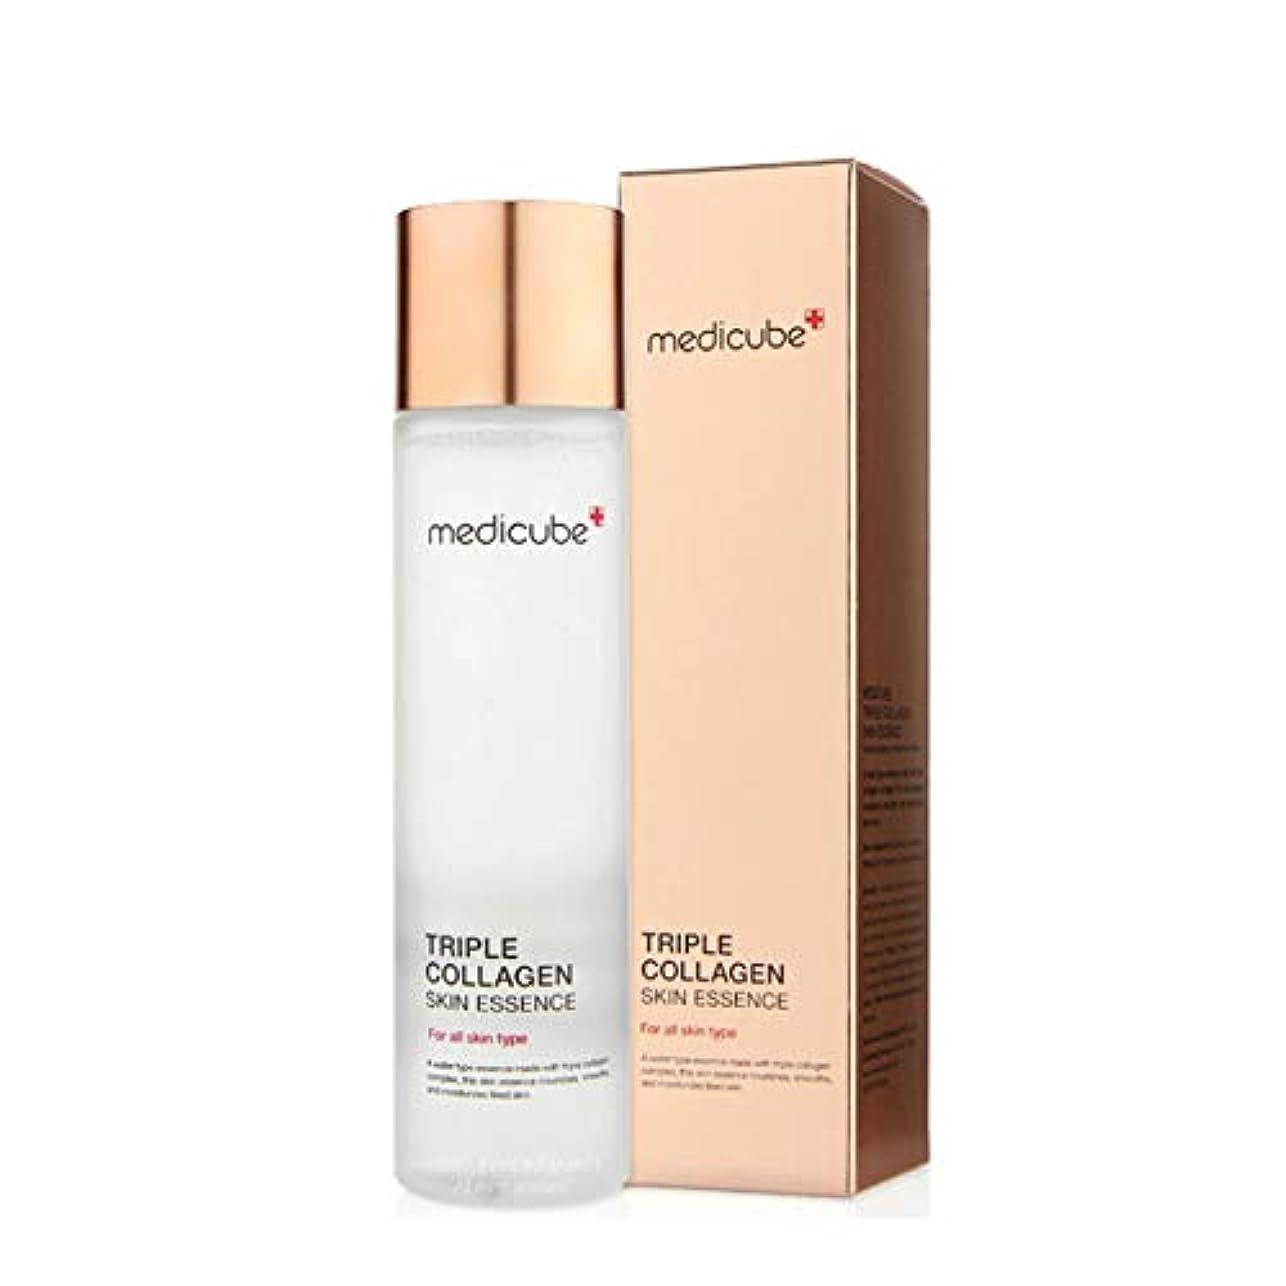 の慈悲で写真を描く解決するメディキューブトリプルコラーゲンスキンエッセンス140ml 韓国コスメ、Medicube Triple Collagen Skin Essence 140ml Korean Cosmetics [並行輸入品]